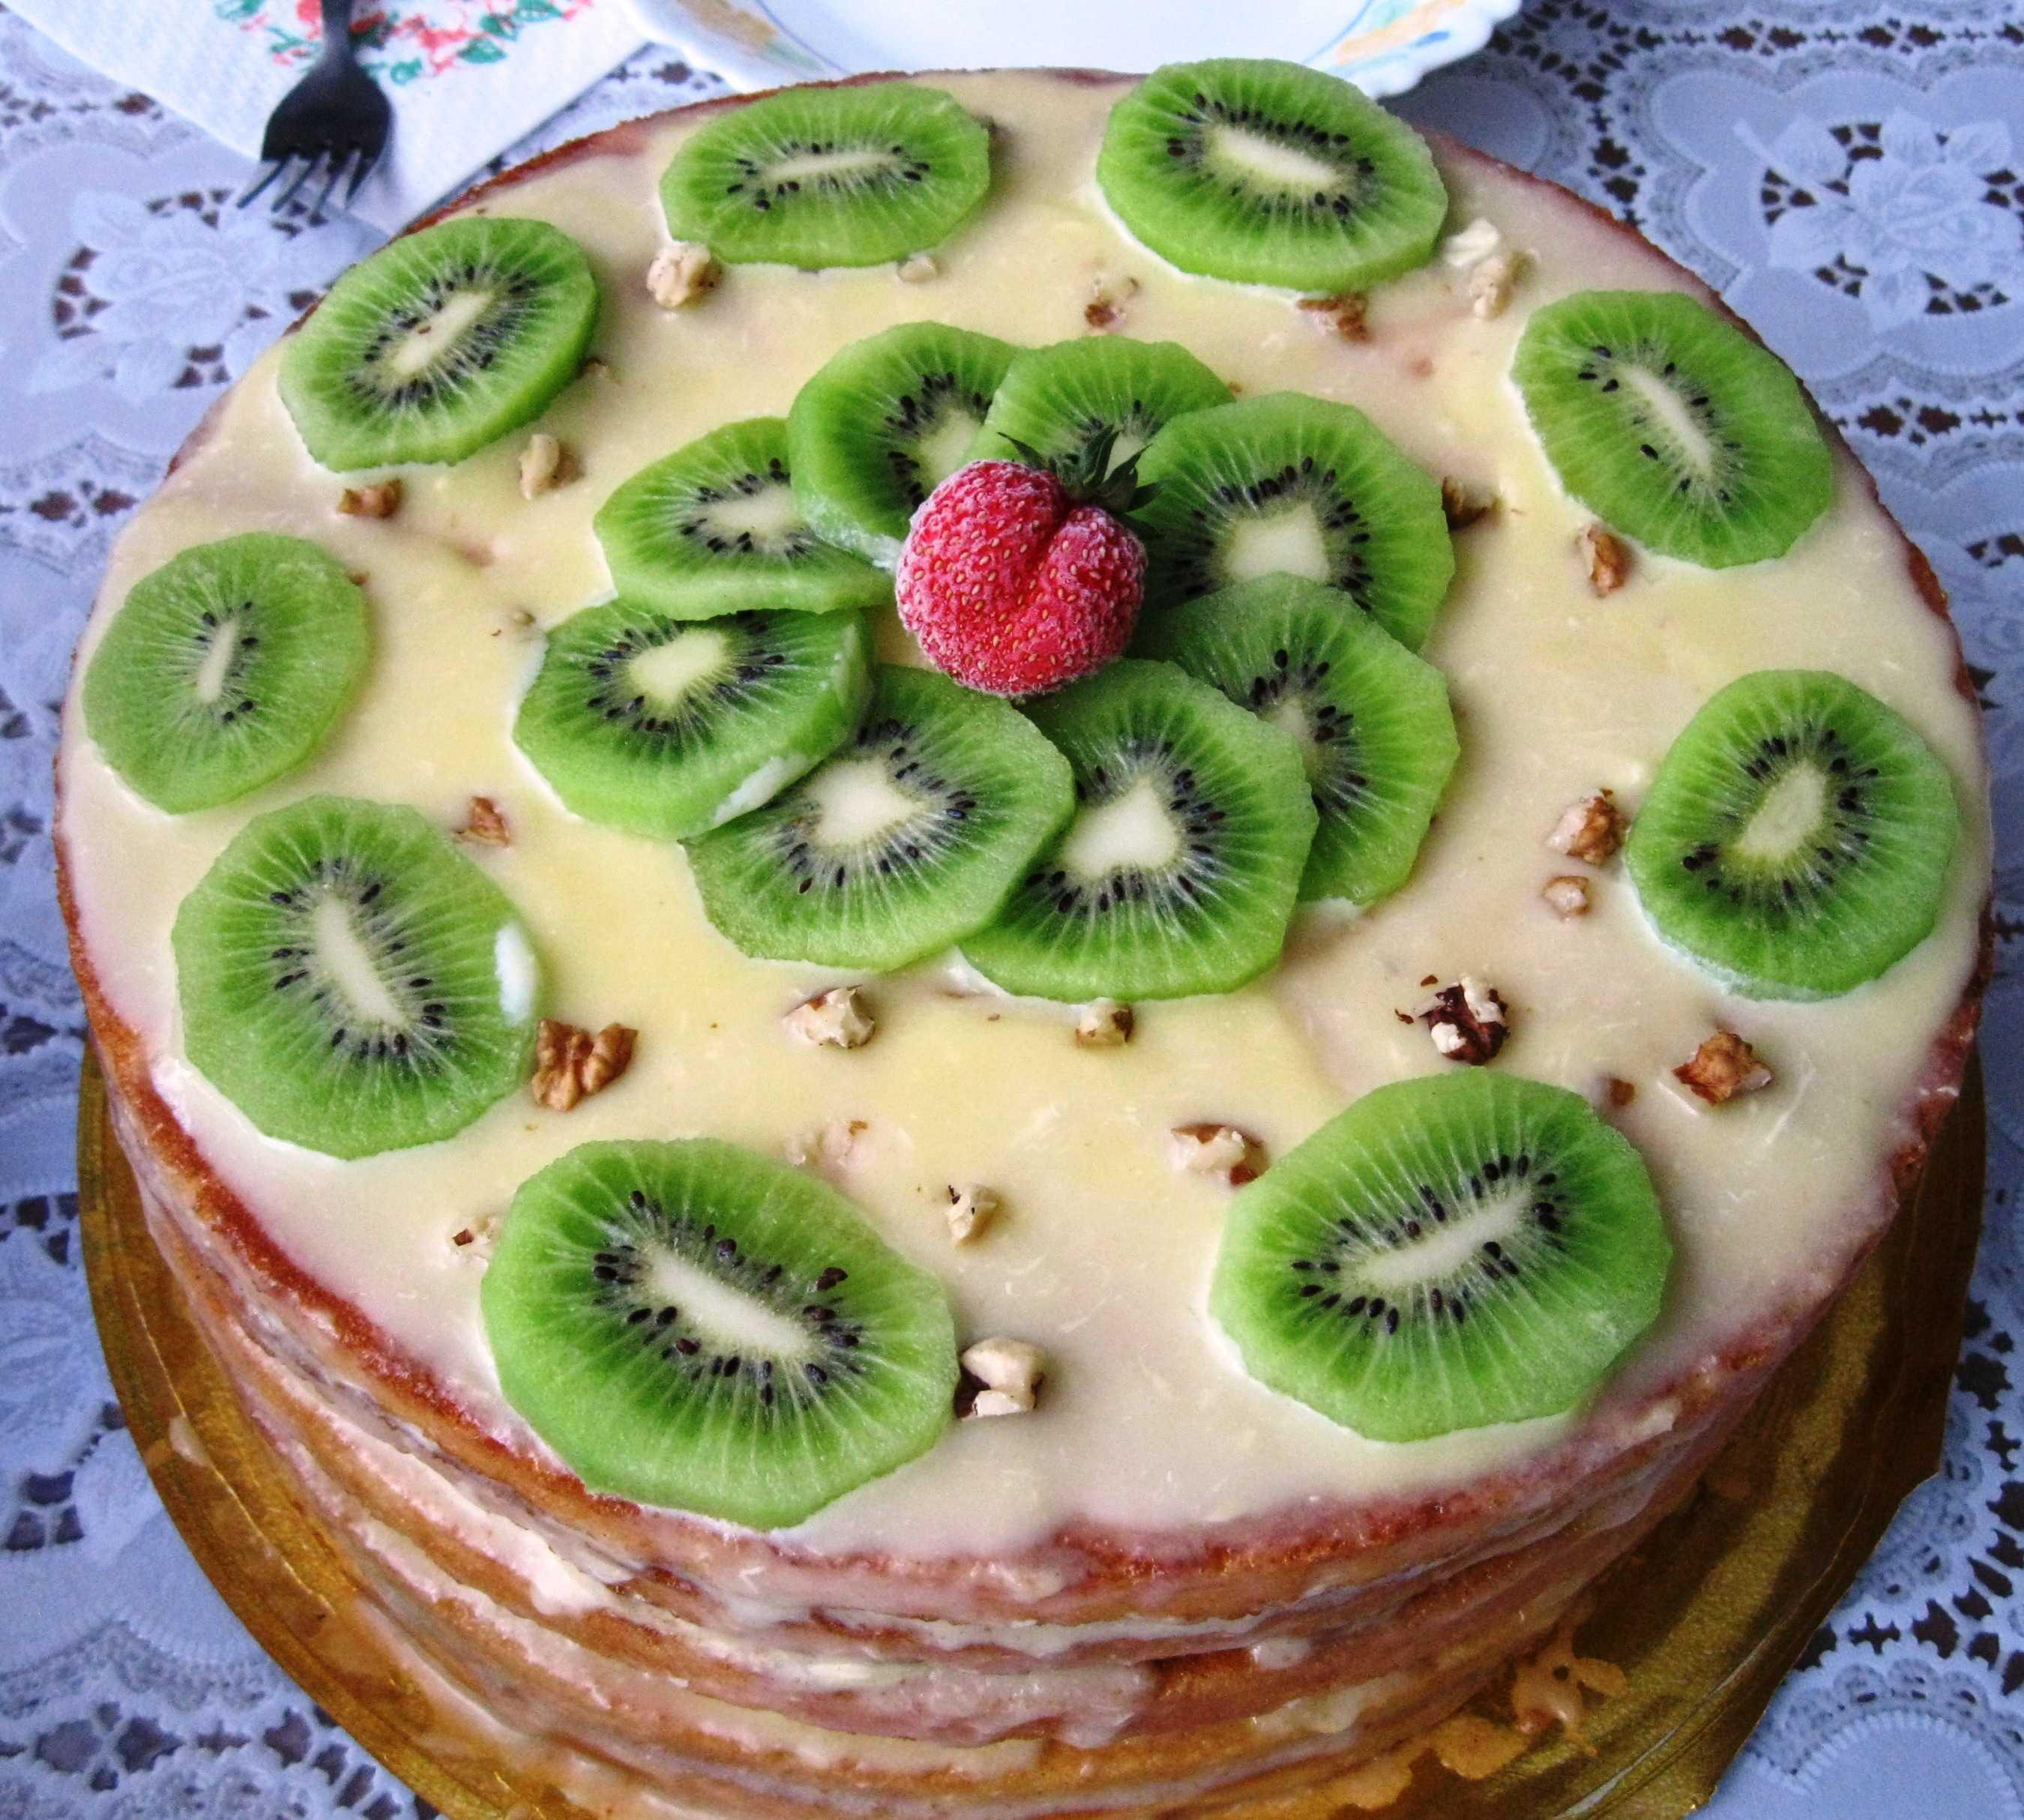 Кремовый свадебный торт (44 фото): красивое украшение торта на свадьбу цветами, оформление красно-белого десерта лебедями, торт-сердце с белковым кремом на подставке